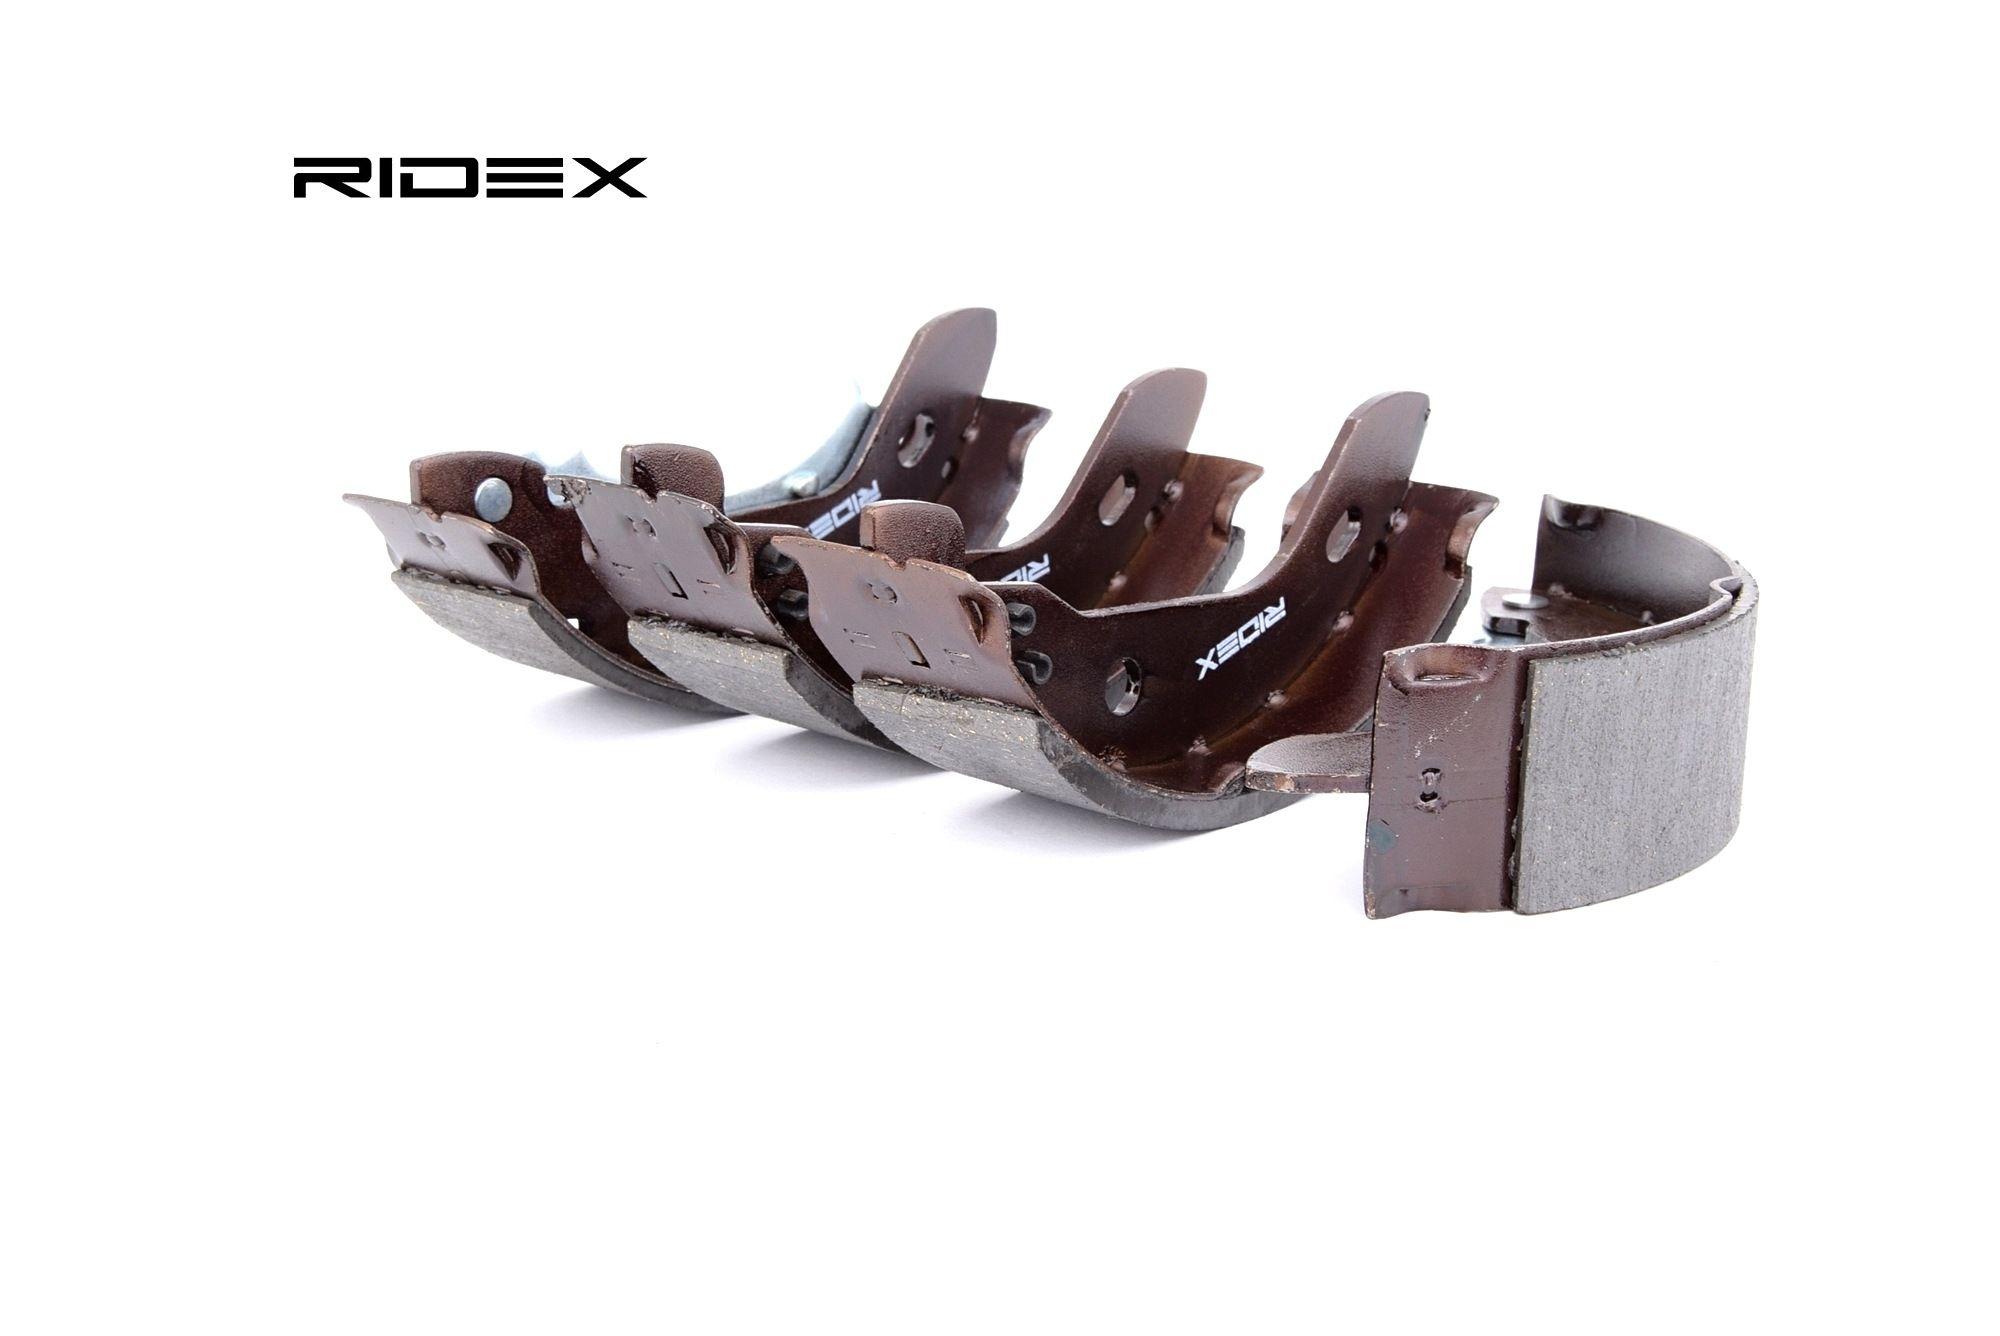 RIDEX: Original Bremsbeläge für Trommelbremsen 70B0165 (Breite: 41,5mm)